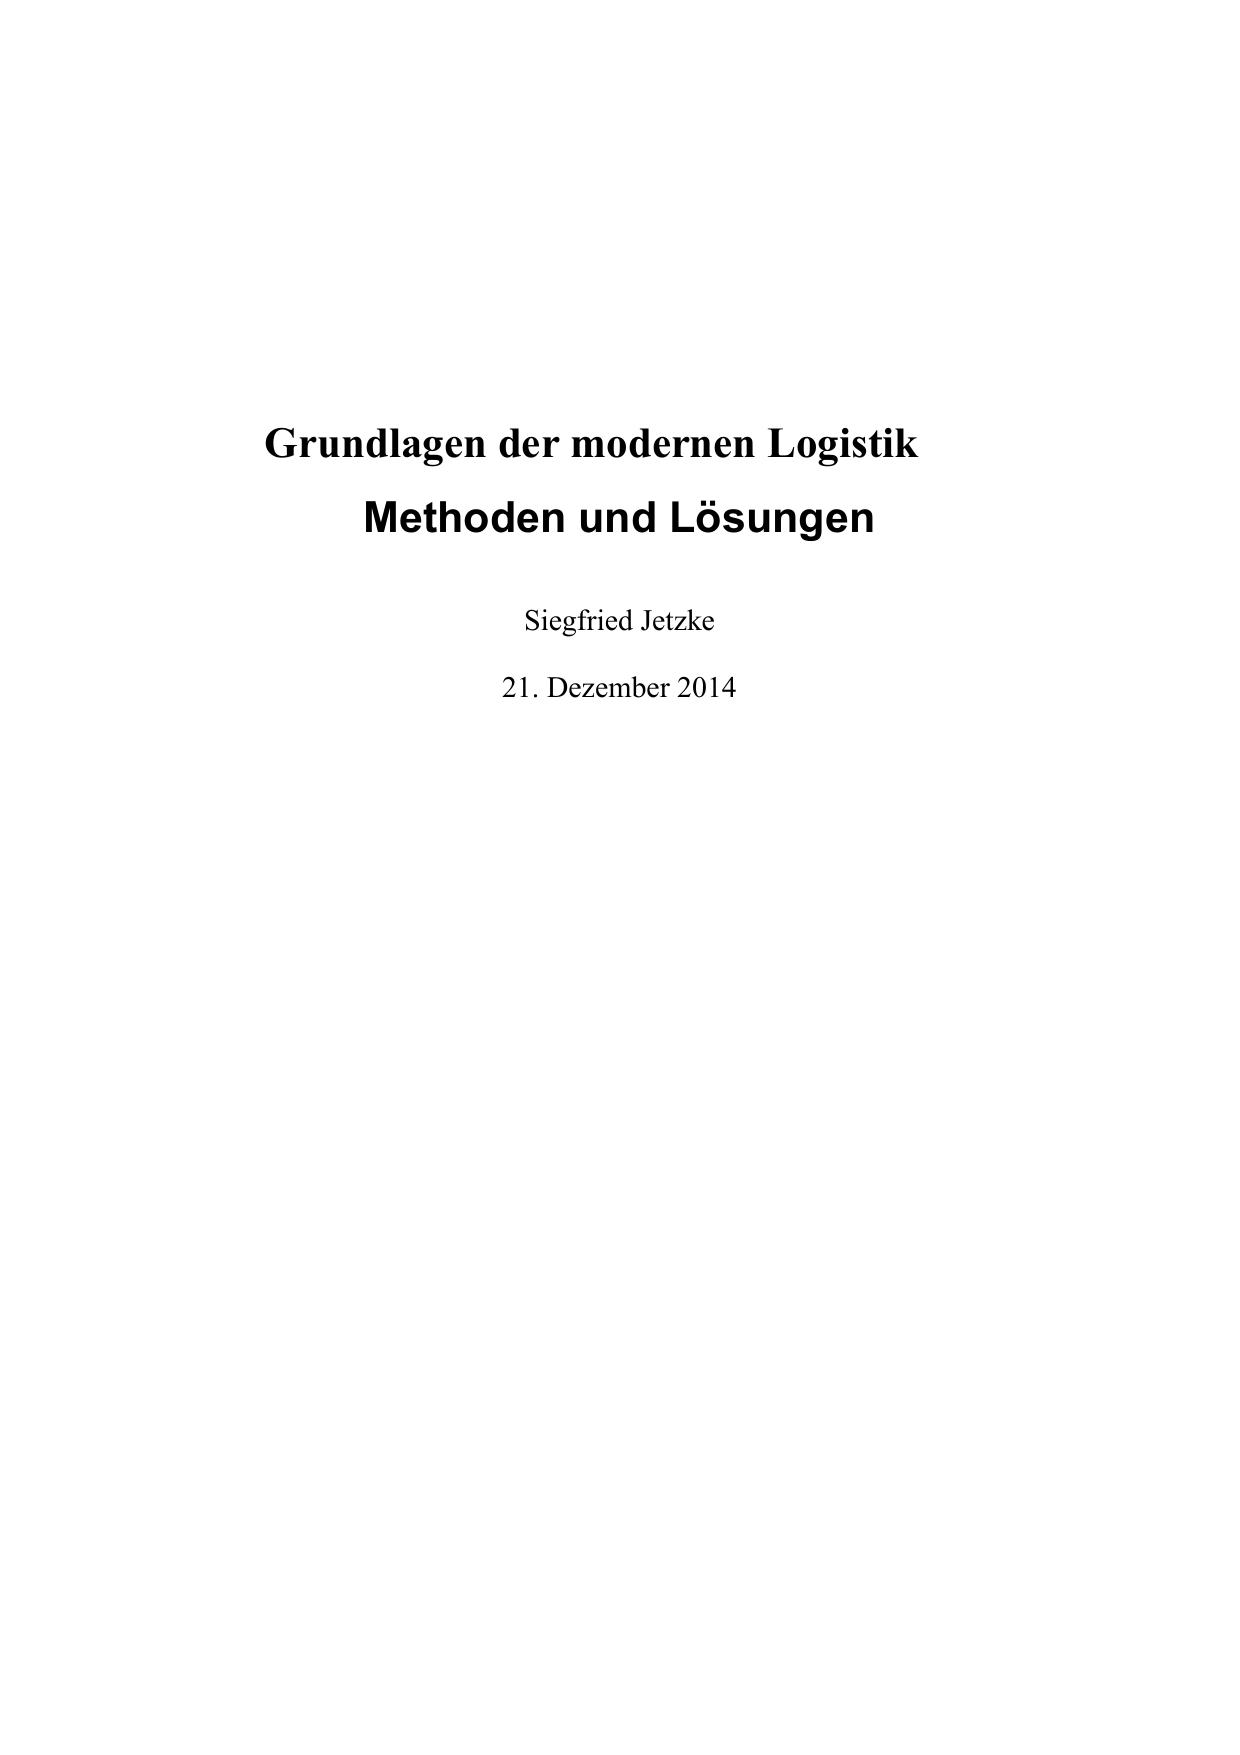 Grundlagen der modernen Logistik Methoden und | manualzz.com